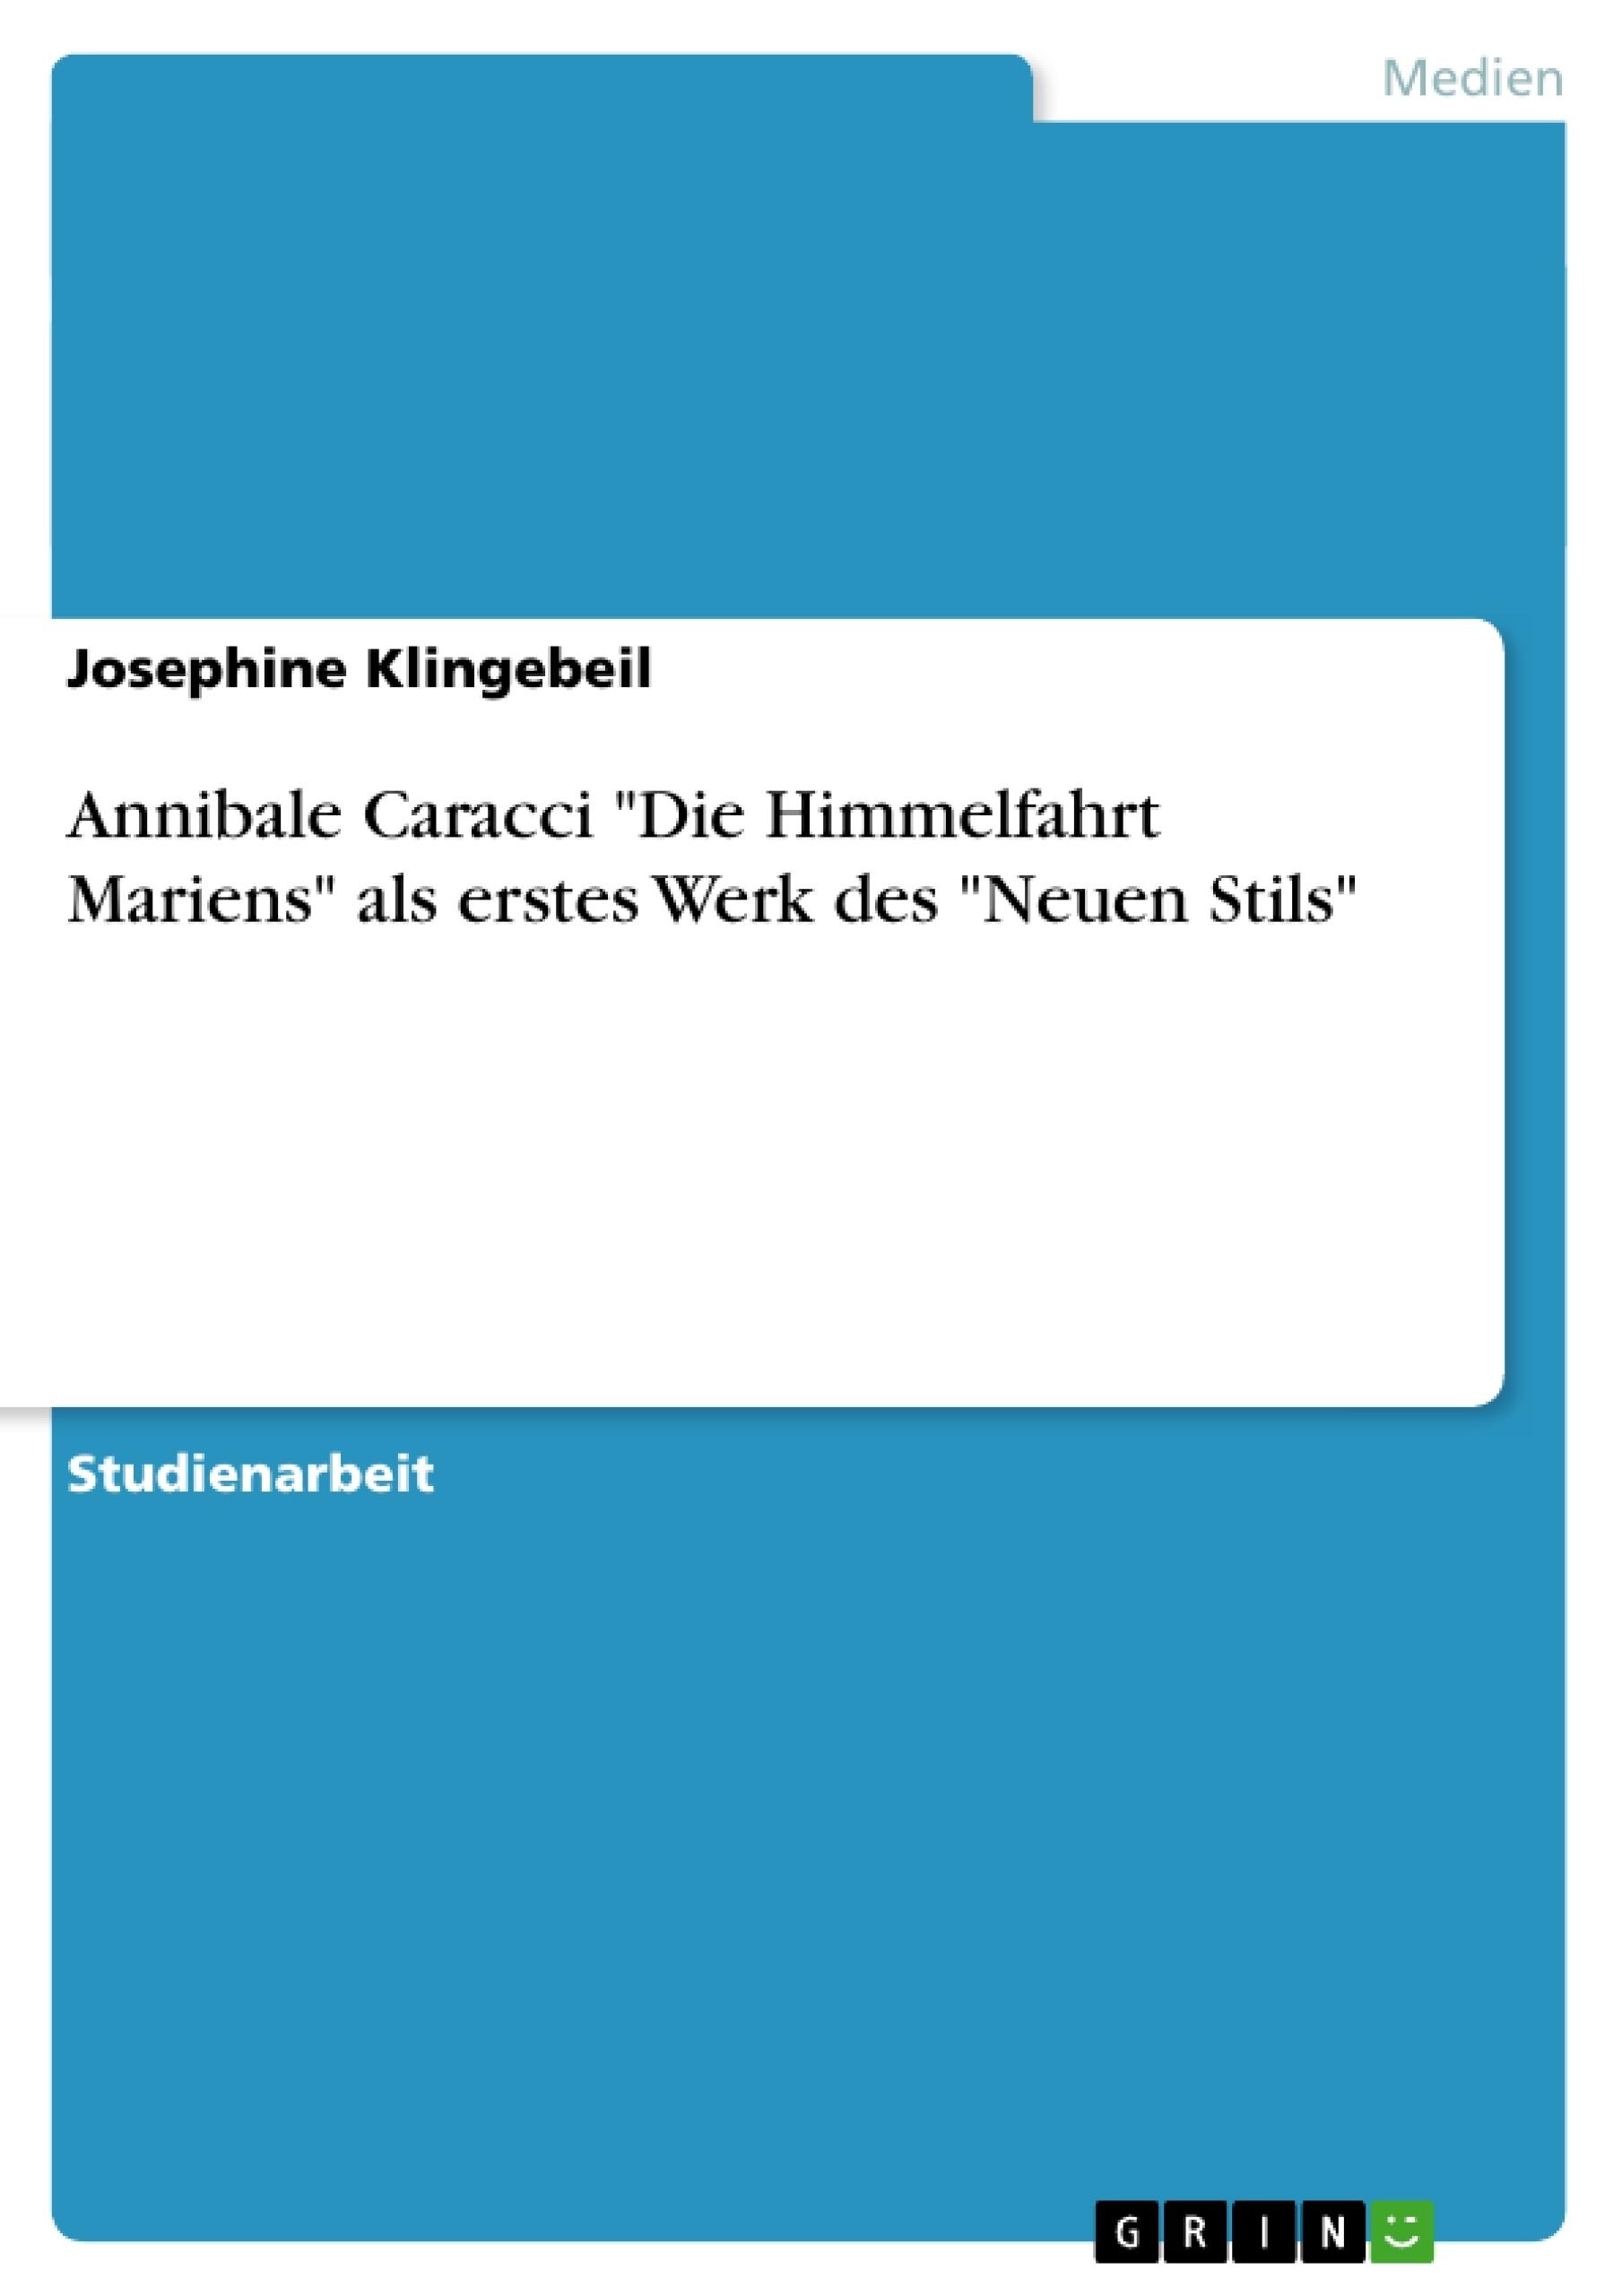 """Titel: Annibale Caracci """"Die Himmelfahrt Mariens"""" als erstes Werk des """"Neuen Stils"""""""